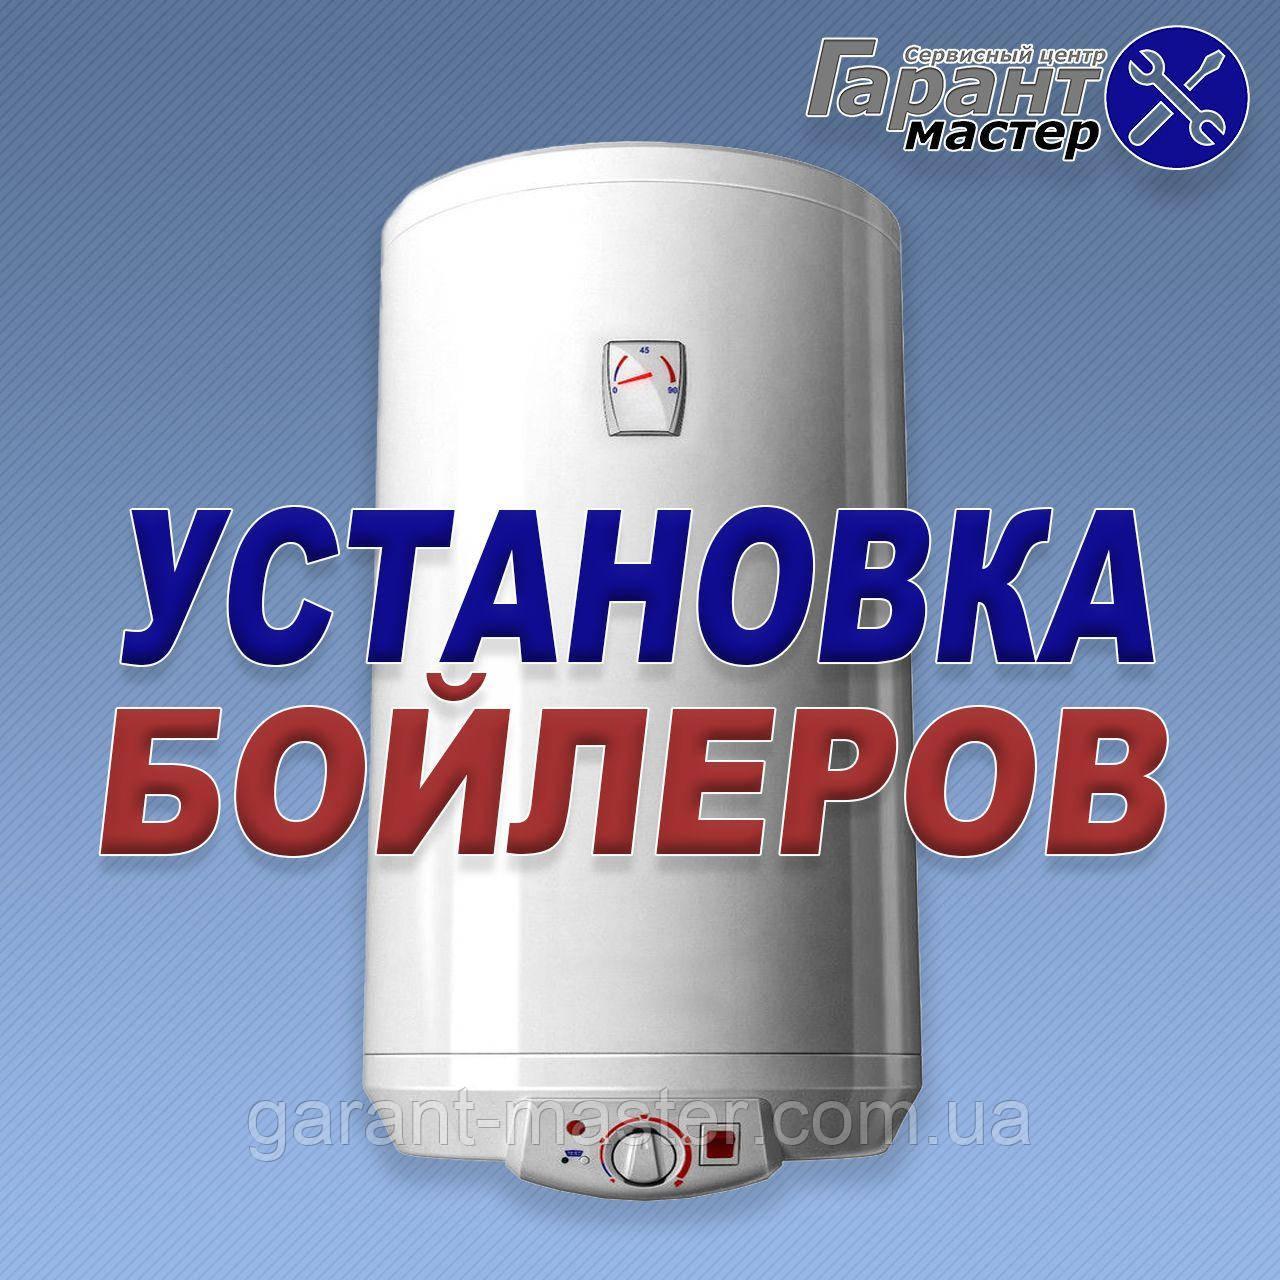 Установка, ремонт бойлеров ATLANTIC в Днепропетровске